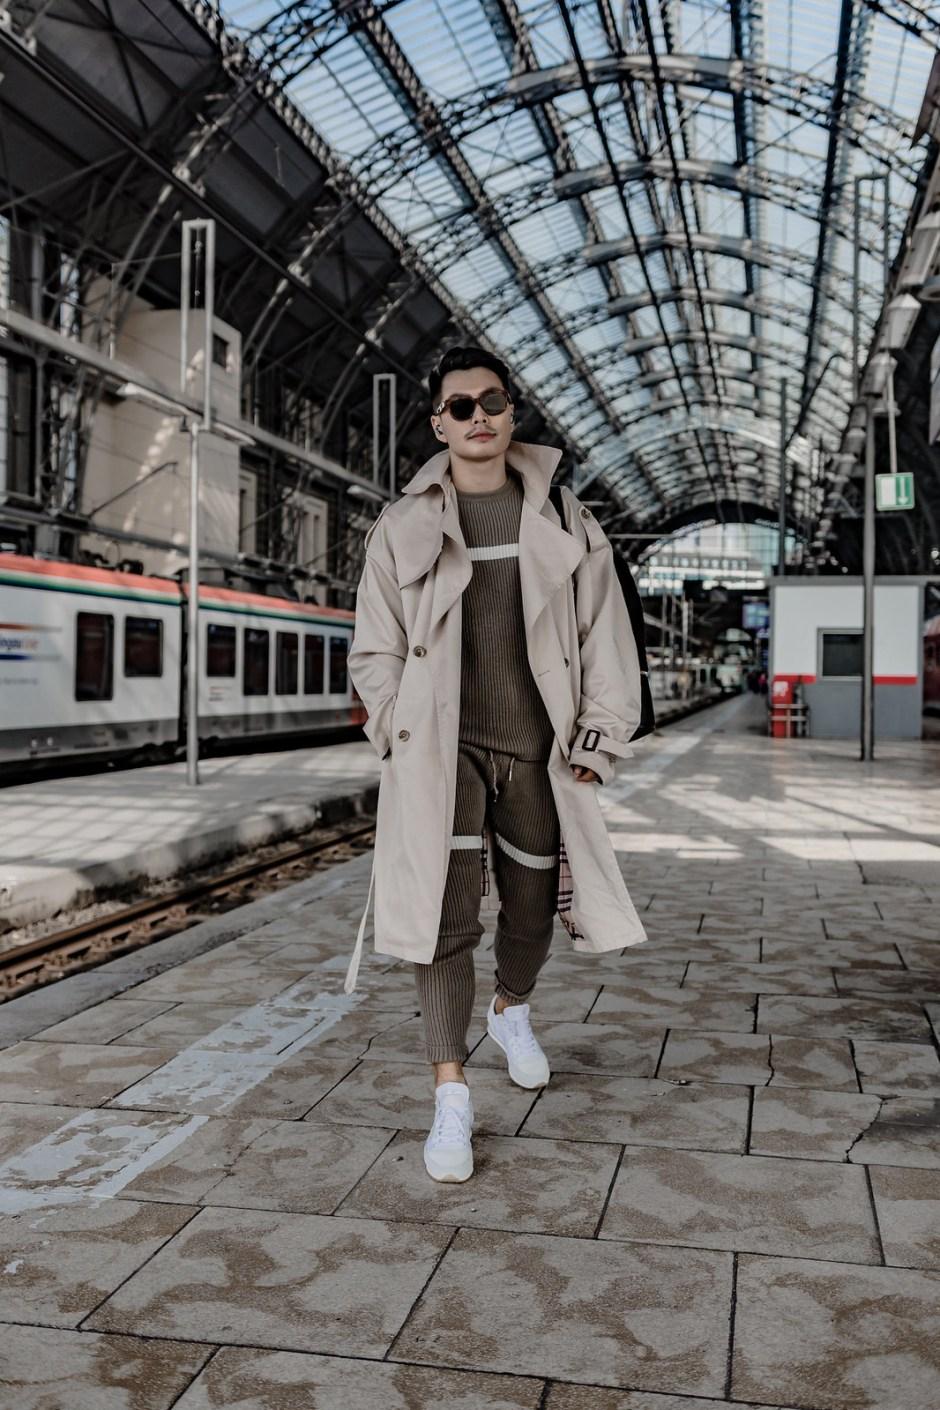 blog_Frankfurt_central_station-30